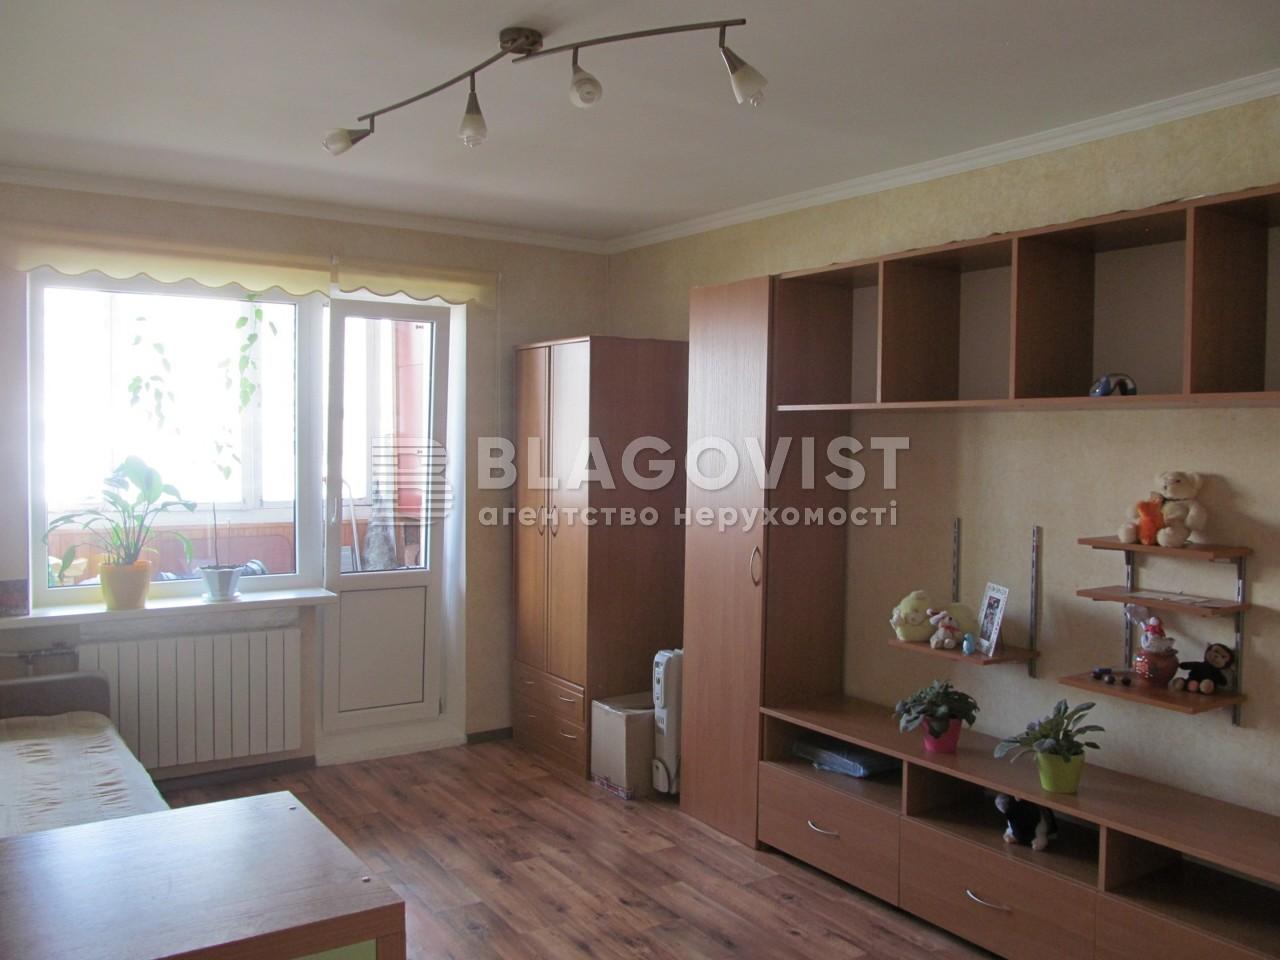 Квартира A-105837, Будищанская, 6, Киев - Фото 5